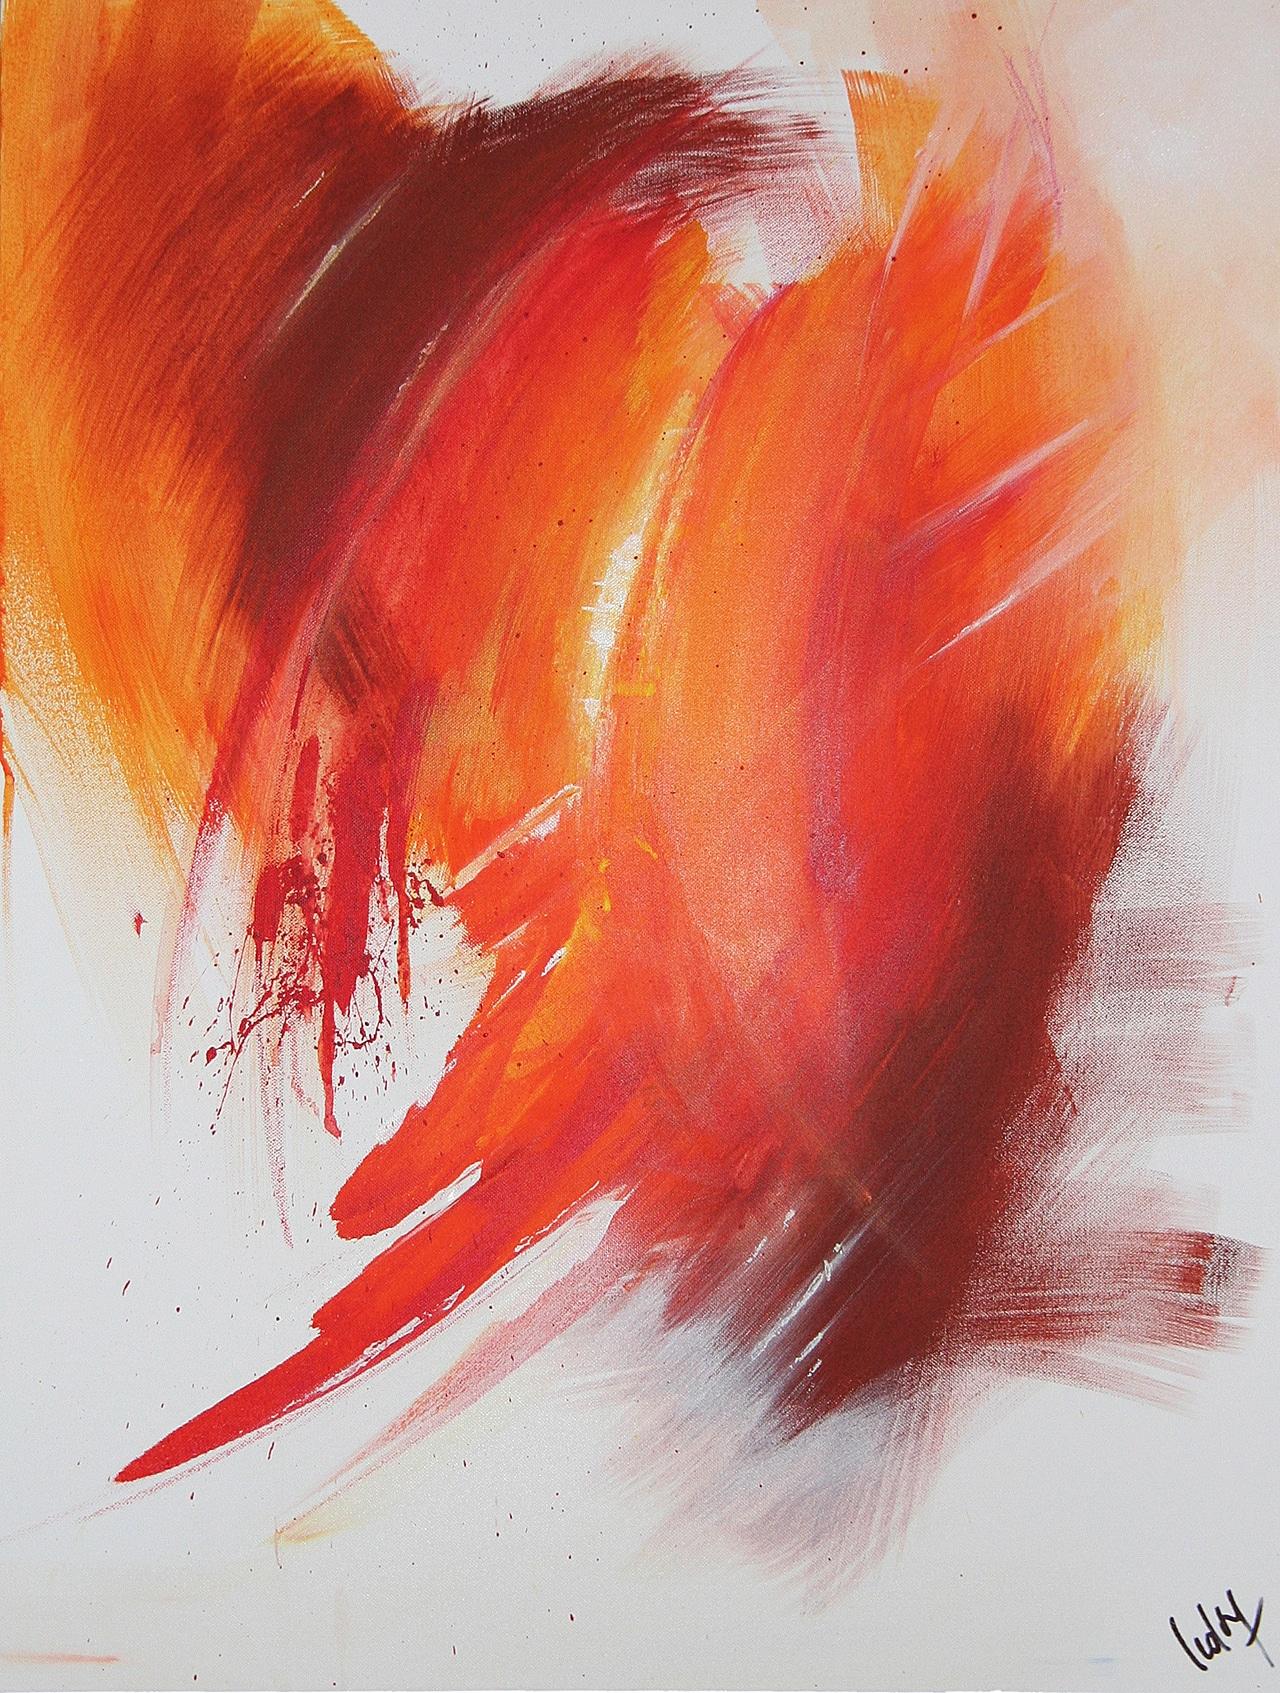 Tableau abstrait Re-Naissance du peintre expressionniste abstrait LEDOG - Naissance, Karma et renaissance - Tous droits réservés